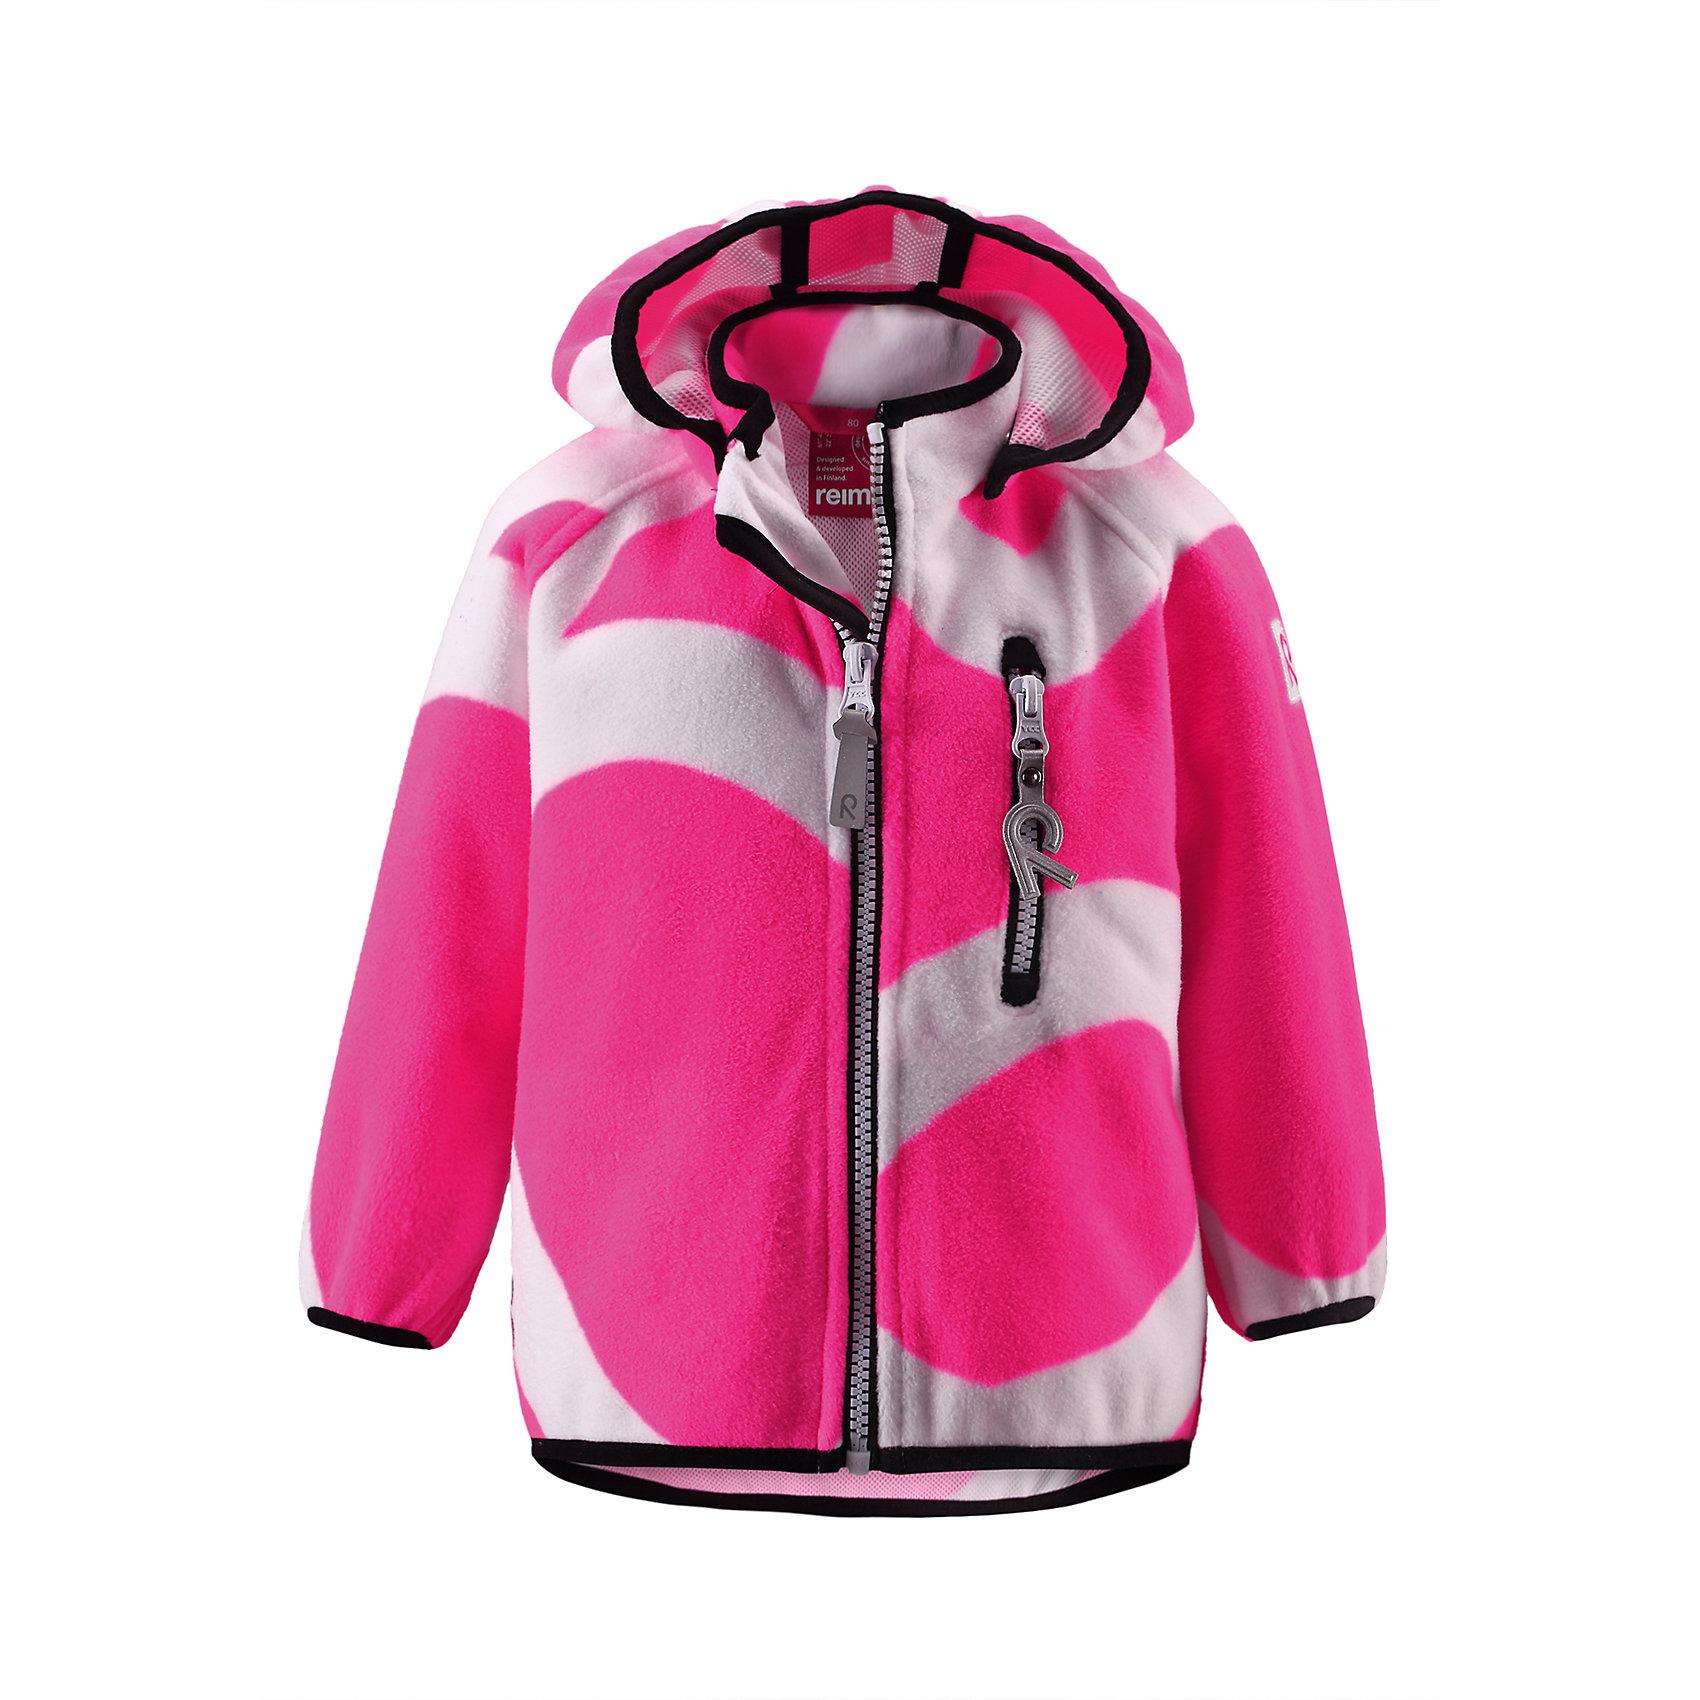 Куртка Soft shell ReimaА пойдемте-ка на улицу! Никакой ветер не остановит маленьких исследователей в этой флисовой ветровке! Симпатичная куртка для малышей выполнена из дышащего флиса, мягкого на ощупь, и снабжена водонепроницаемой вставкой внутри материала. Фигурные рукава защитят малюсенькие ручки от холода, а самые важные для ребенка предметы сохранятся во время игр на воздухе благодаря карманам на молнии. Куртка идеальна для игр на открытом воздухе в осенний и весенний периоды, но она также может использоваться в качестве среднего слоя под низ другой куртки!<br><br>Дополнительная информация:<br><br>Куртка из материала windfleece для малышей<br>Водонепроницаемость: 5000 мм<br>Из ветронепроницаемого материала, но изделие «дышит»<br>Безопасный, съемный капюшон<br>Эластичная резинка на кромке капюшона, манжетах и подоле<br>Карман на молнии<br>Состав:<br>100% ПЭ, ПУ-мембрана<br>Уход:<br>Стирать по отдельности. Застегнуть молнии и липучки. Стирать моющим средством, не содержащим отбеливающие вещества. Полоскать без специального средства. Во избежание изменения цвета изделие необходимо вынуть из стиральной машинки незамедлительно после окончания программы стирки. Сушить при низкой температуре.<br><br>Ширина мм: 356<br>Глубина мм: 10<br>Высота мм: 245<br>Вес г: 519<br>Цвет: розовый<br>Возраст от месяцев: 24<br>Возраст до месяцев: 36<br>Пол: Унисекс<br>Возраст: Детский<br>Размер: 98,92,86,74,80<br>SKU: 4497141